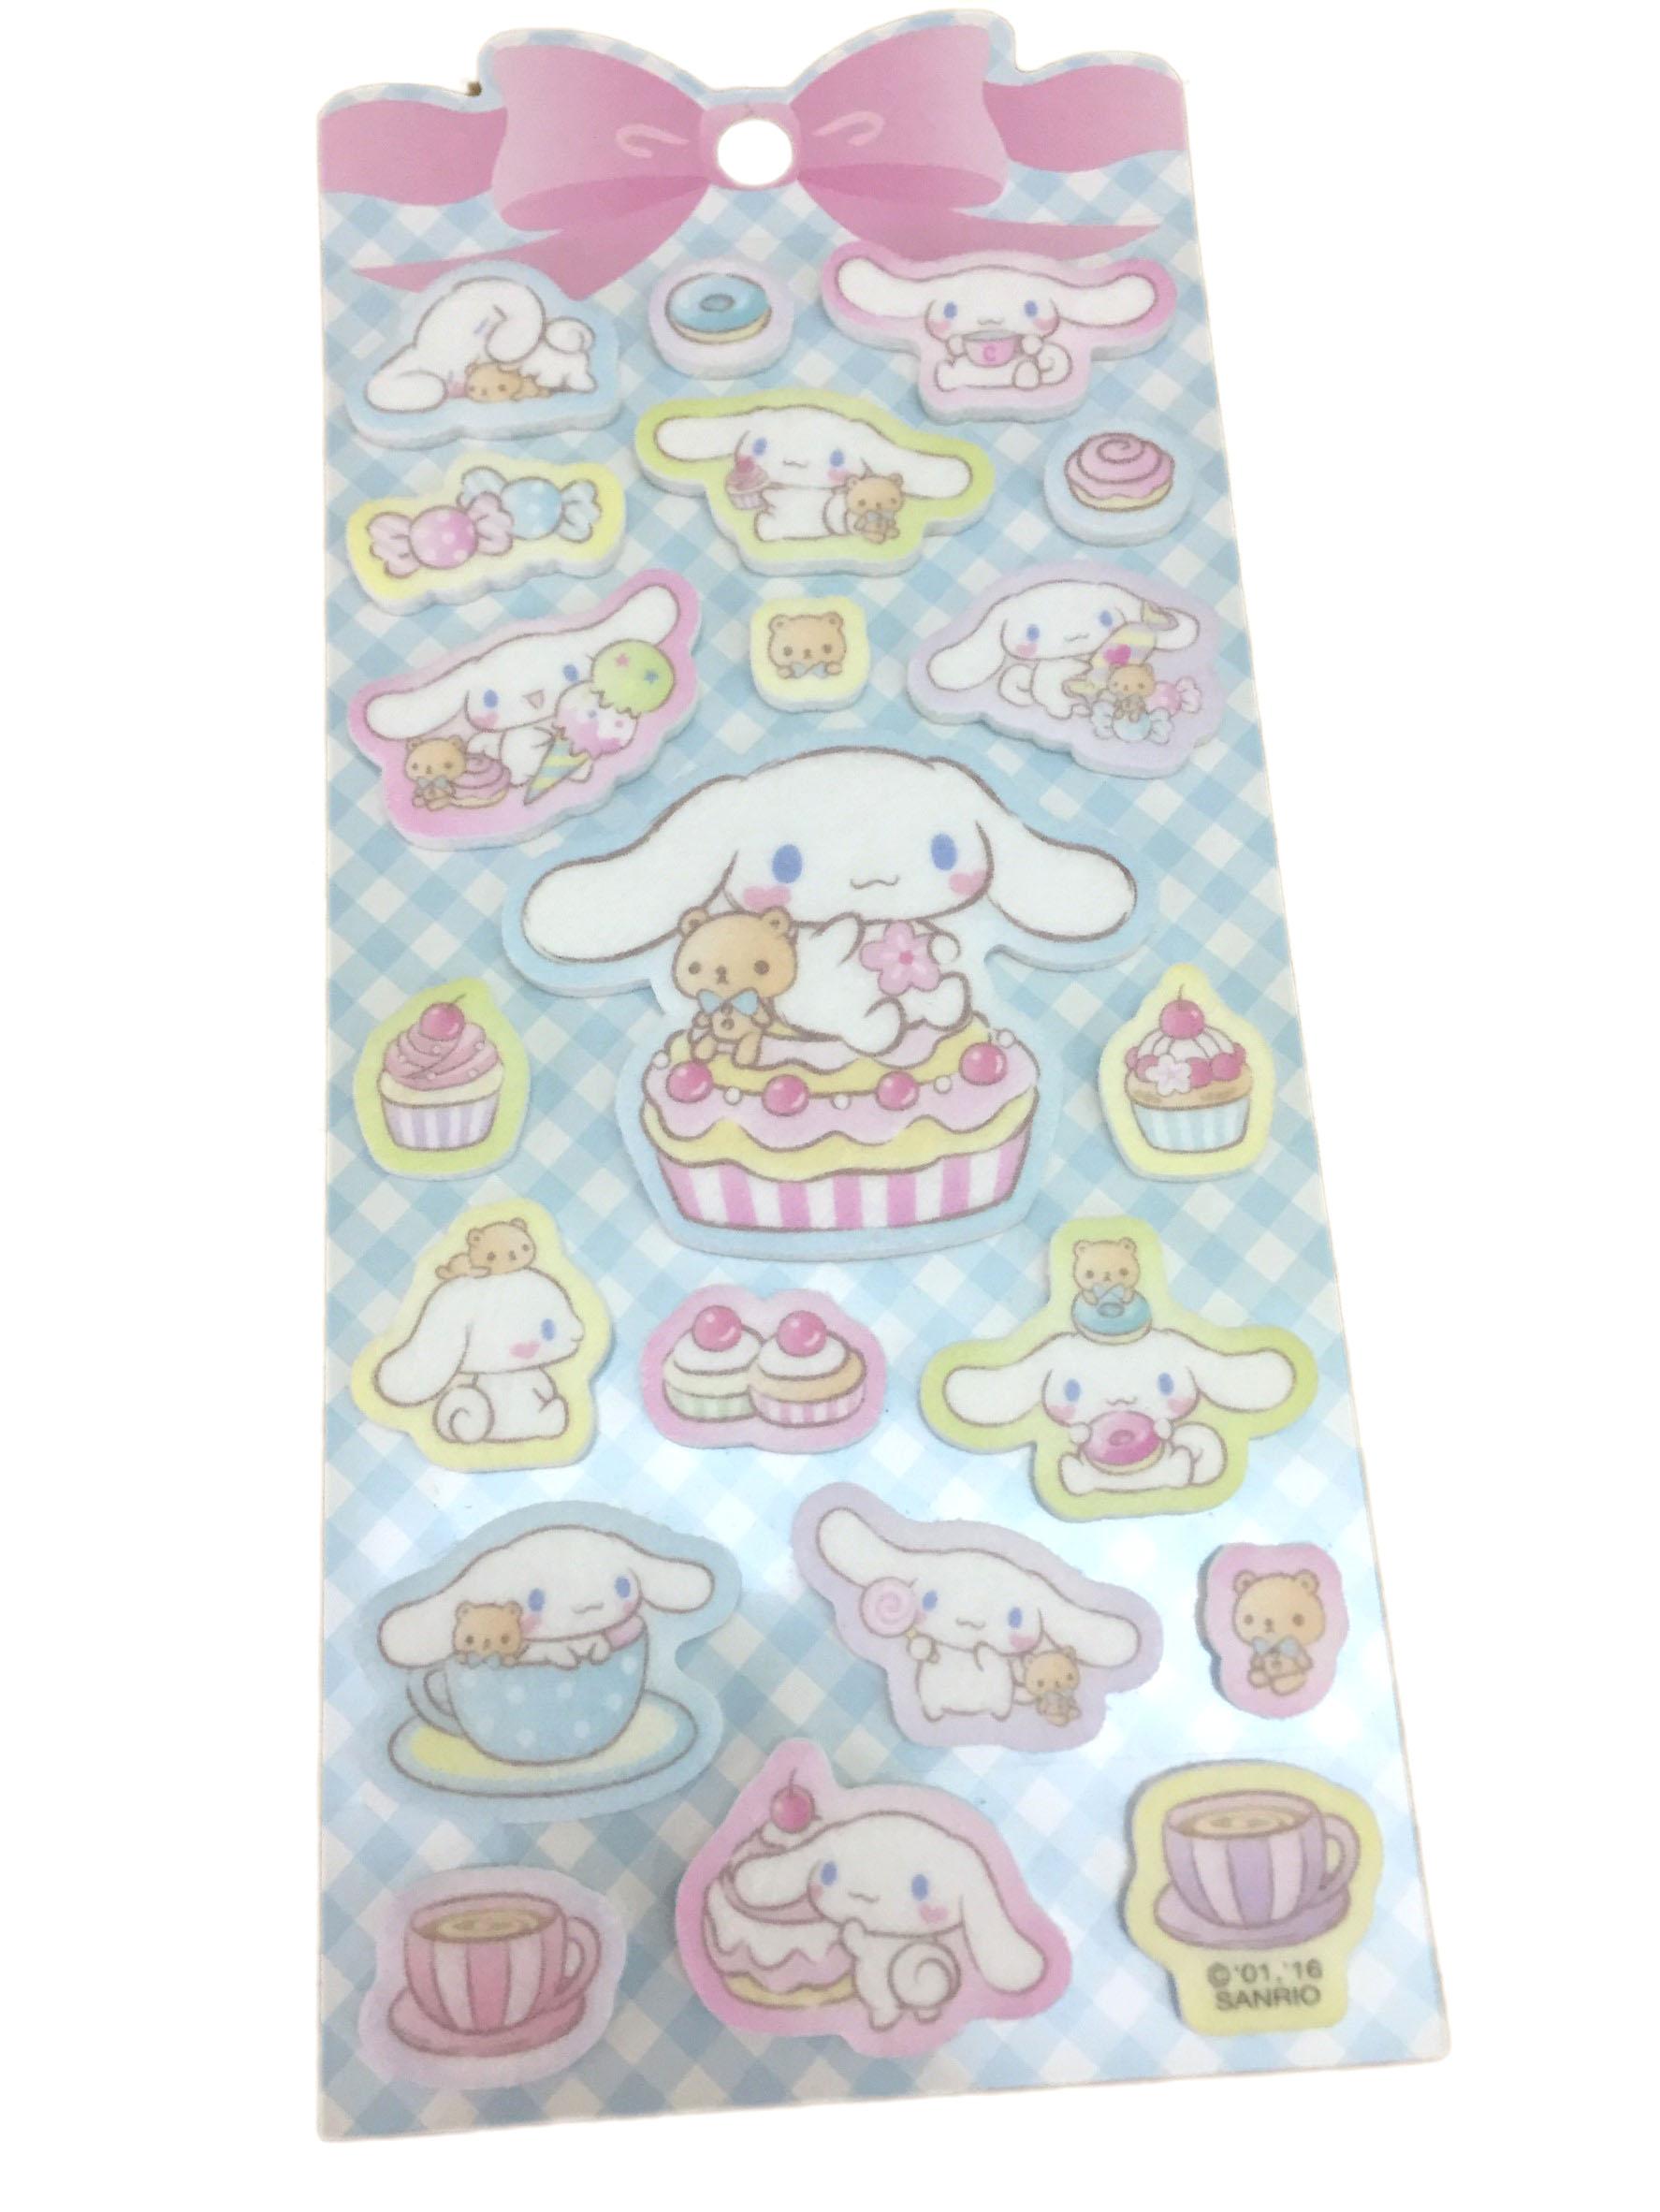 【真愛日本】16071300040造型泡棉貼紙-CN與熊吃點心   三麗鷗家 喜拿狗 大耳狗   文具用品  裝飾貼紙